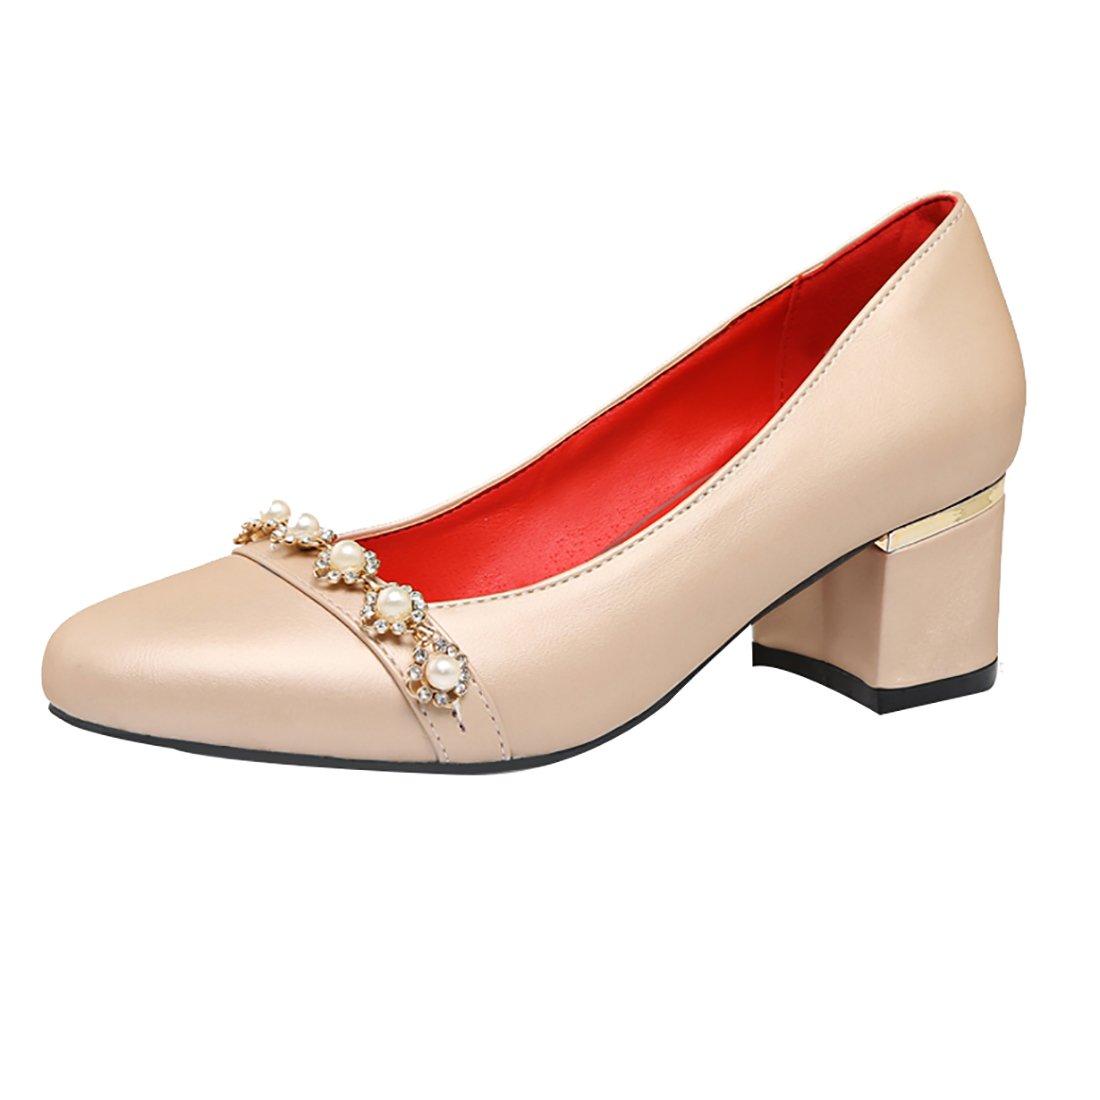 UH Damen Mittlerer Blockabsatz Heel Low Cut Mary Jane Pumps Halbschuhe Modisch Schuhe Xe6f1awU9H